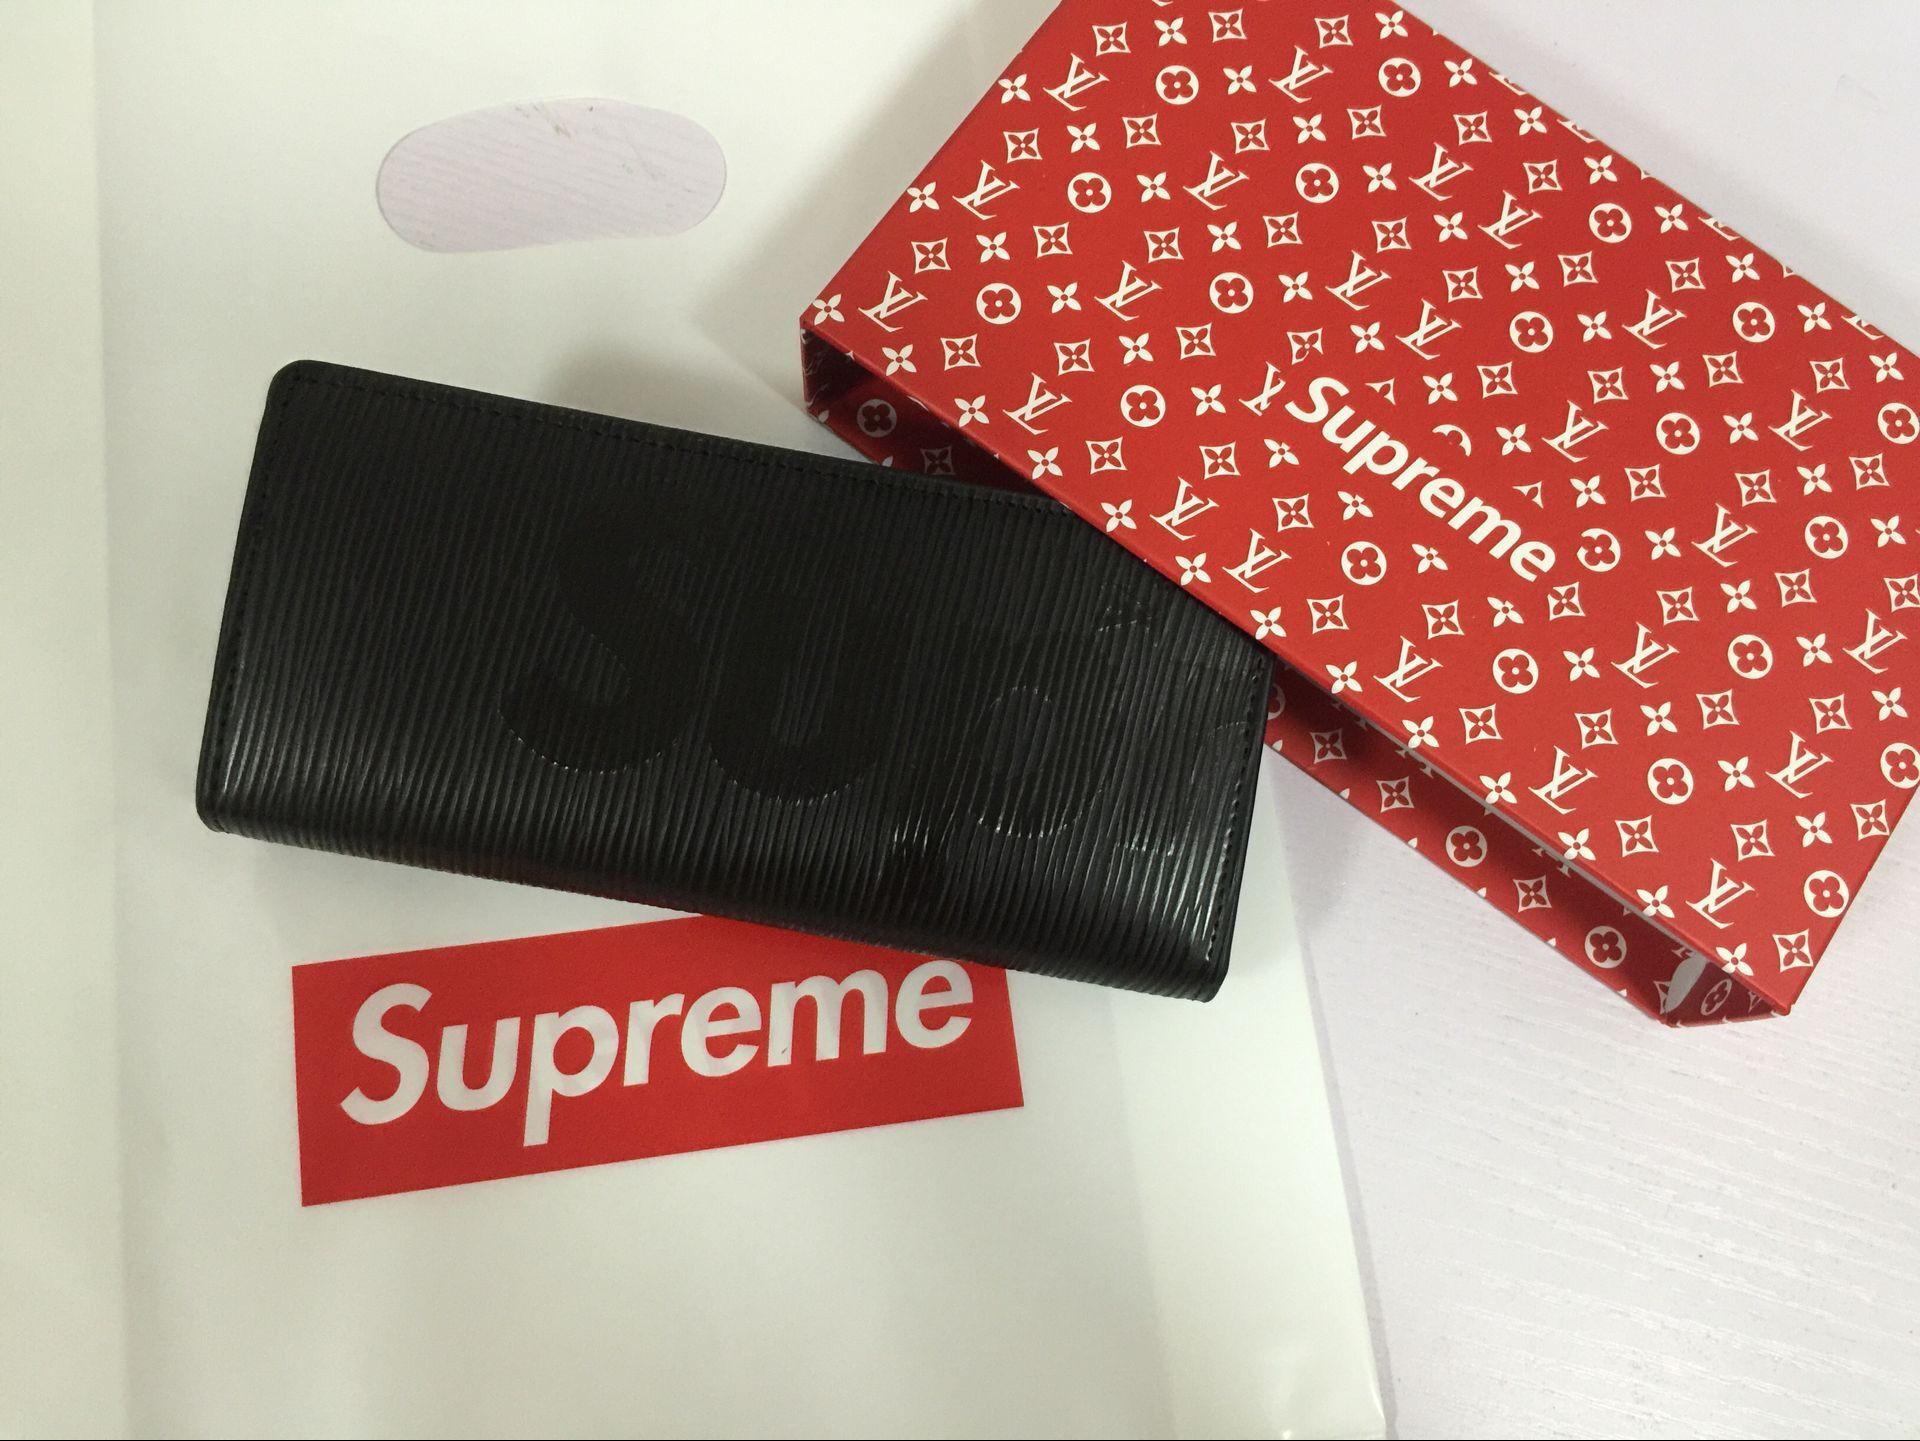 新品2700 supreme&LV シュプリーム 長財布 小銭入れ セール  ブラック